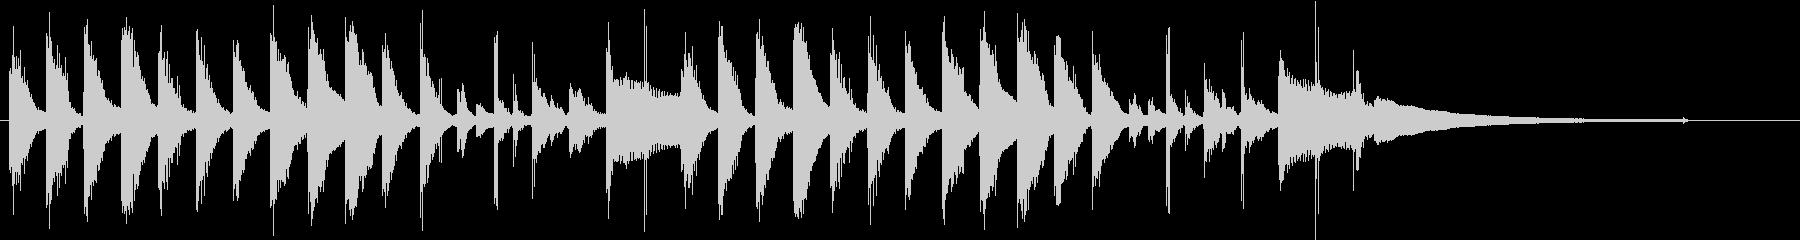 クリーン&シンプル&モダンなジングルの未再生の波形